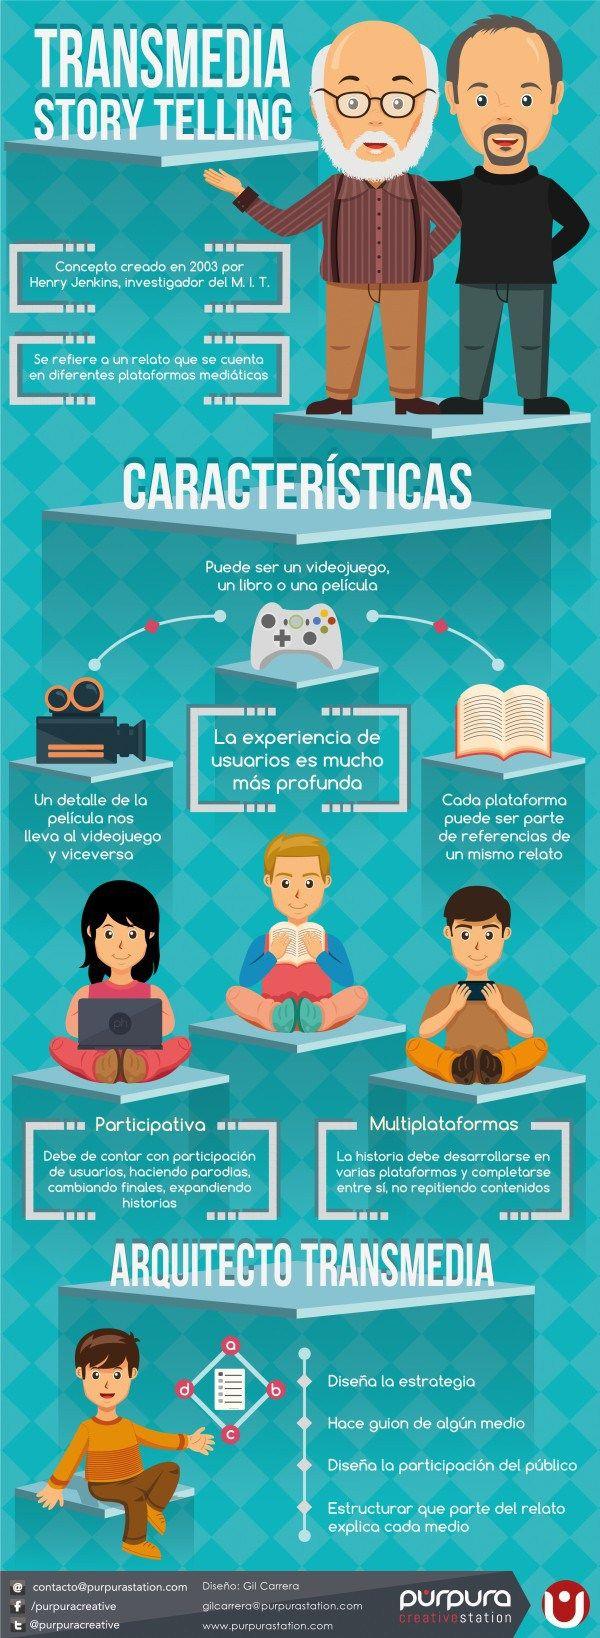 Transmedia storytelling #infografia